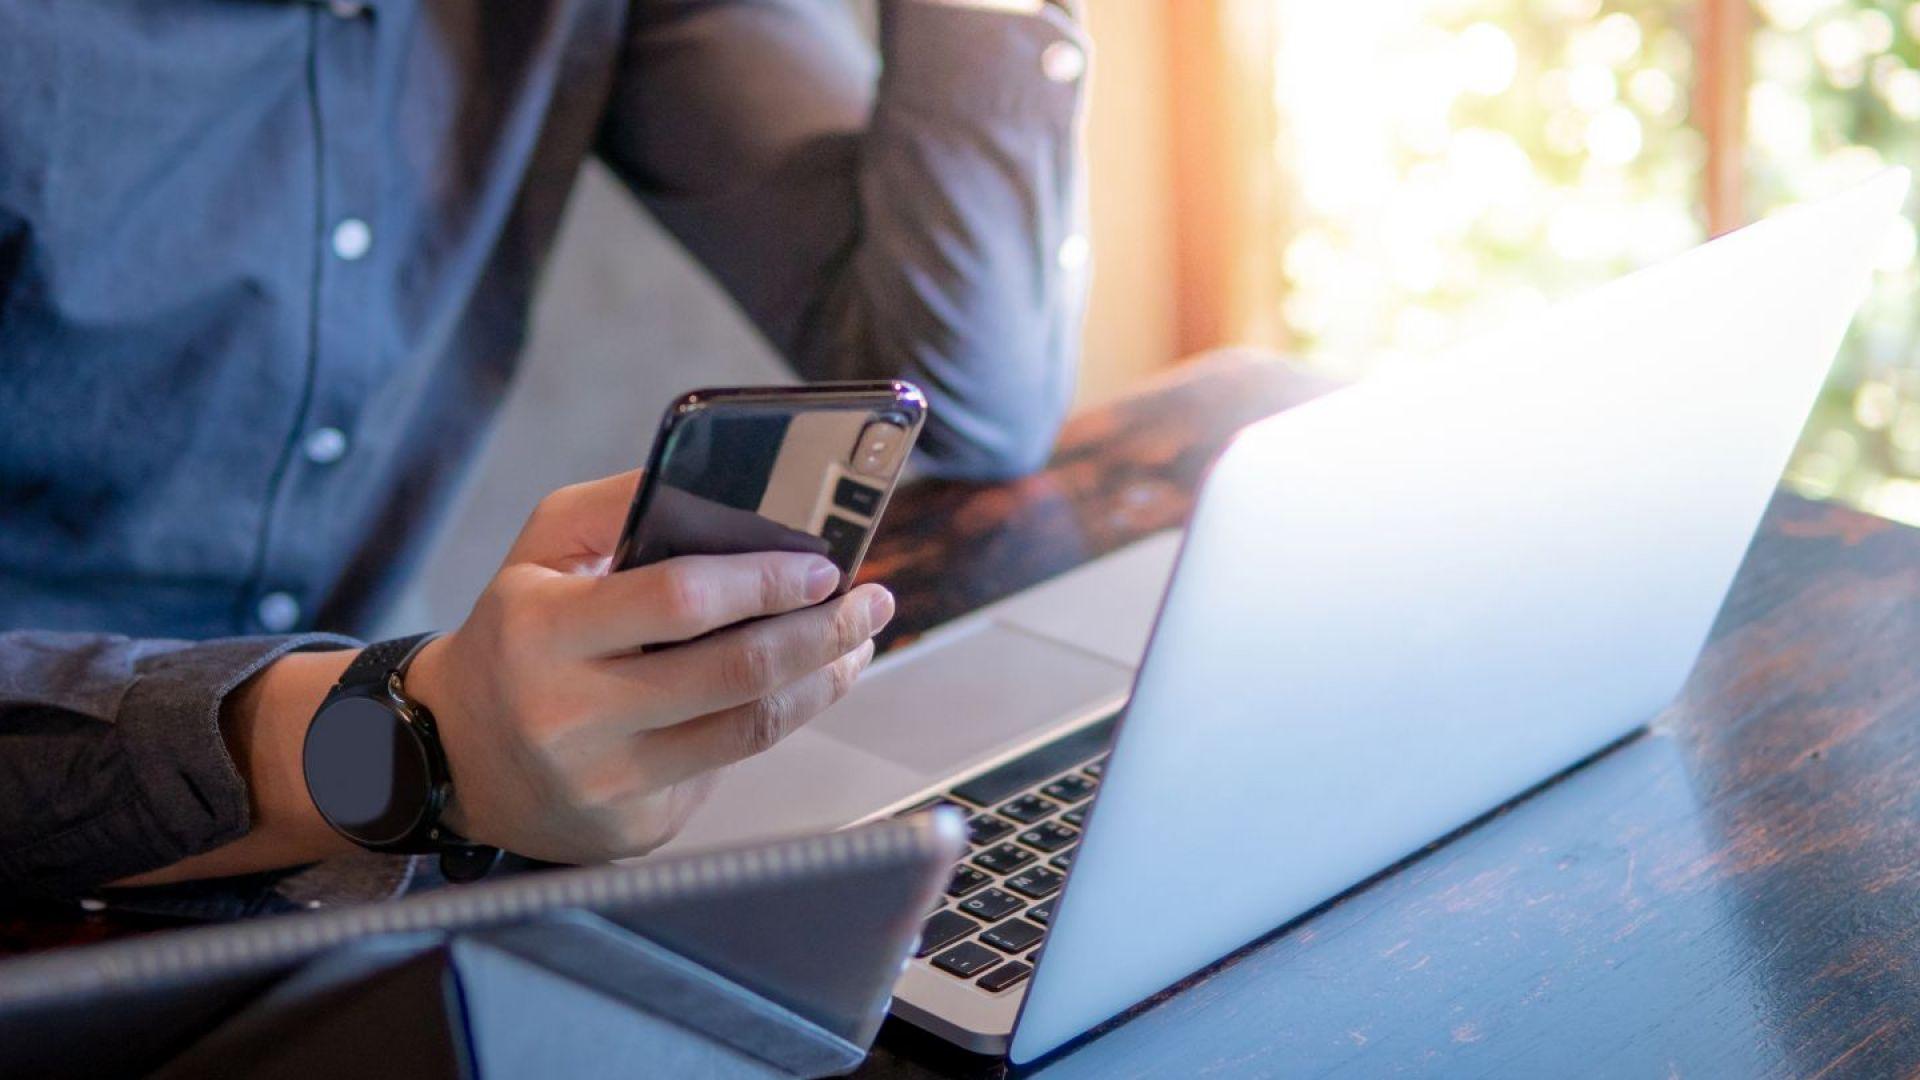 5 начина да използваме безопасно публични Wi-Fi мрежи